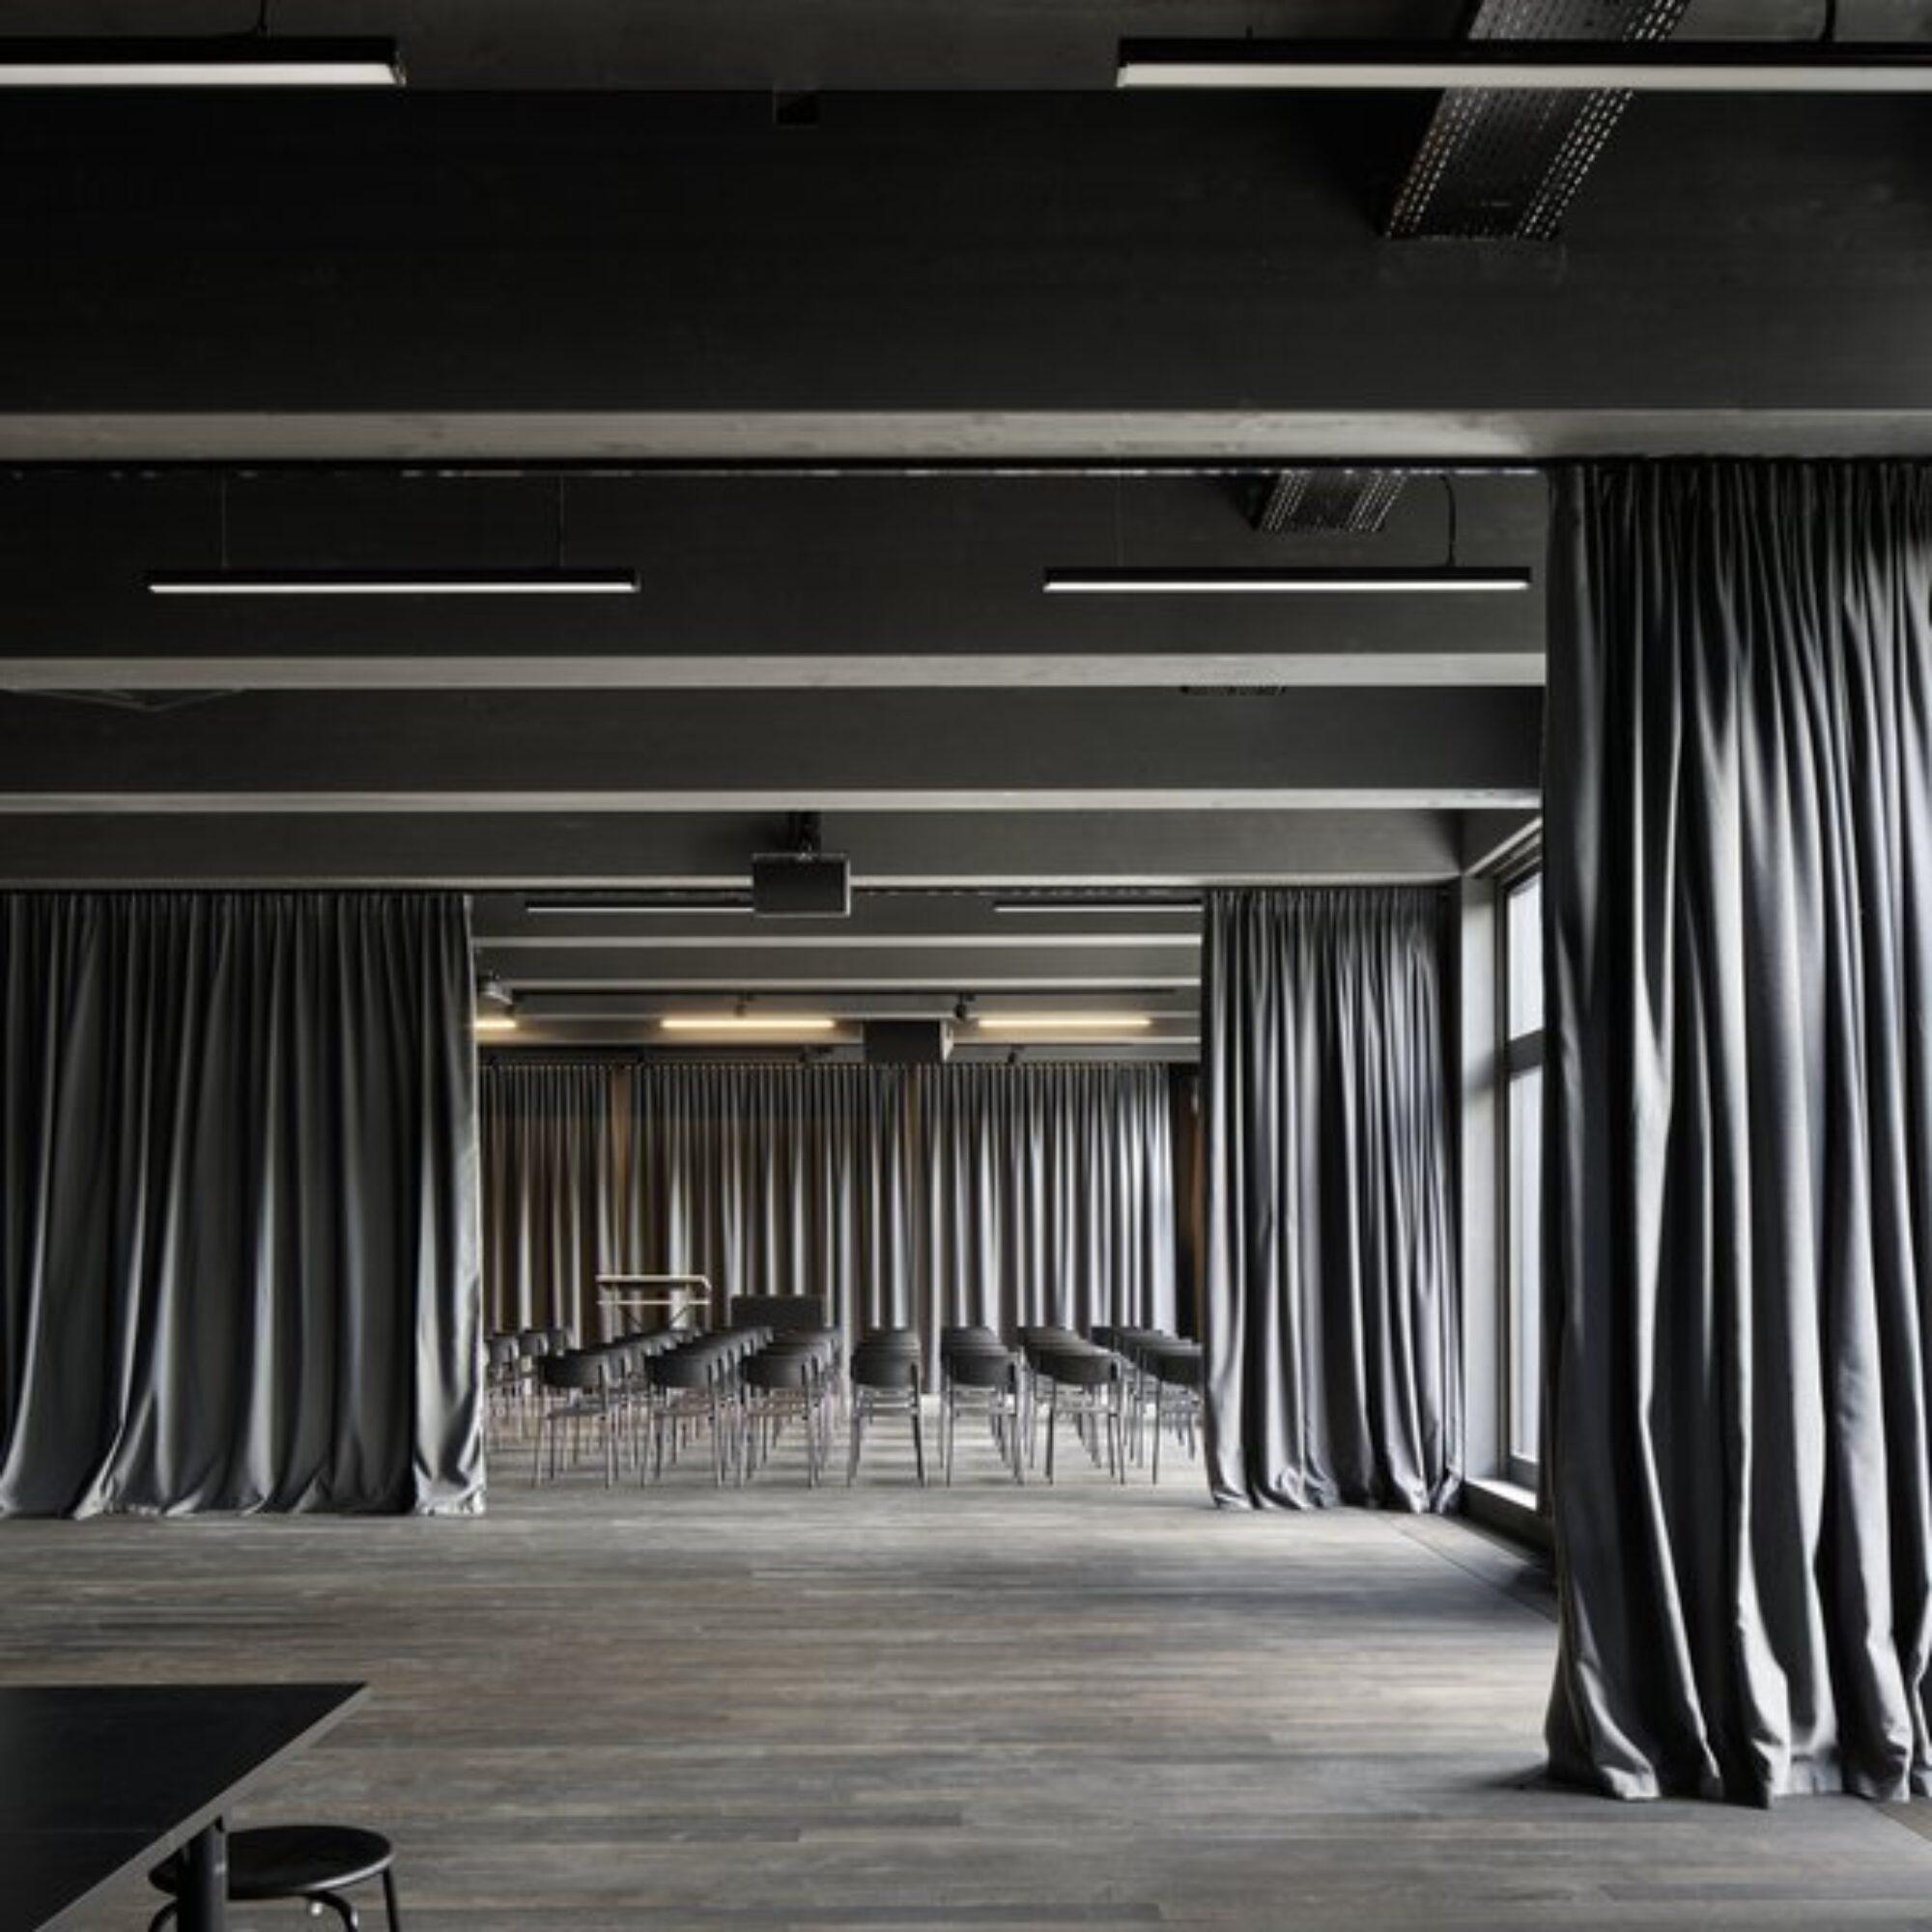 Grosser Raum, mit Blick zu aufgereihten Stühlen und gerafften Vorhängen auf beiden Seiten und hinten an der Wand.